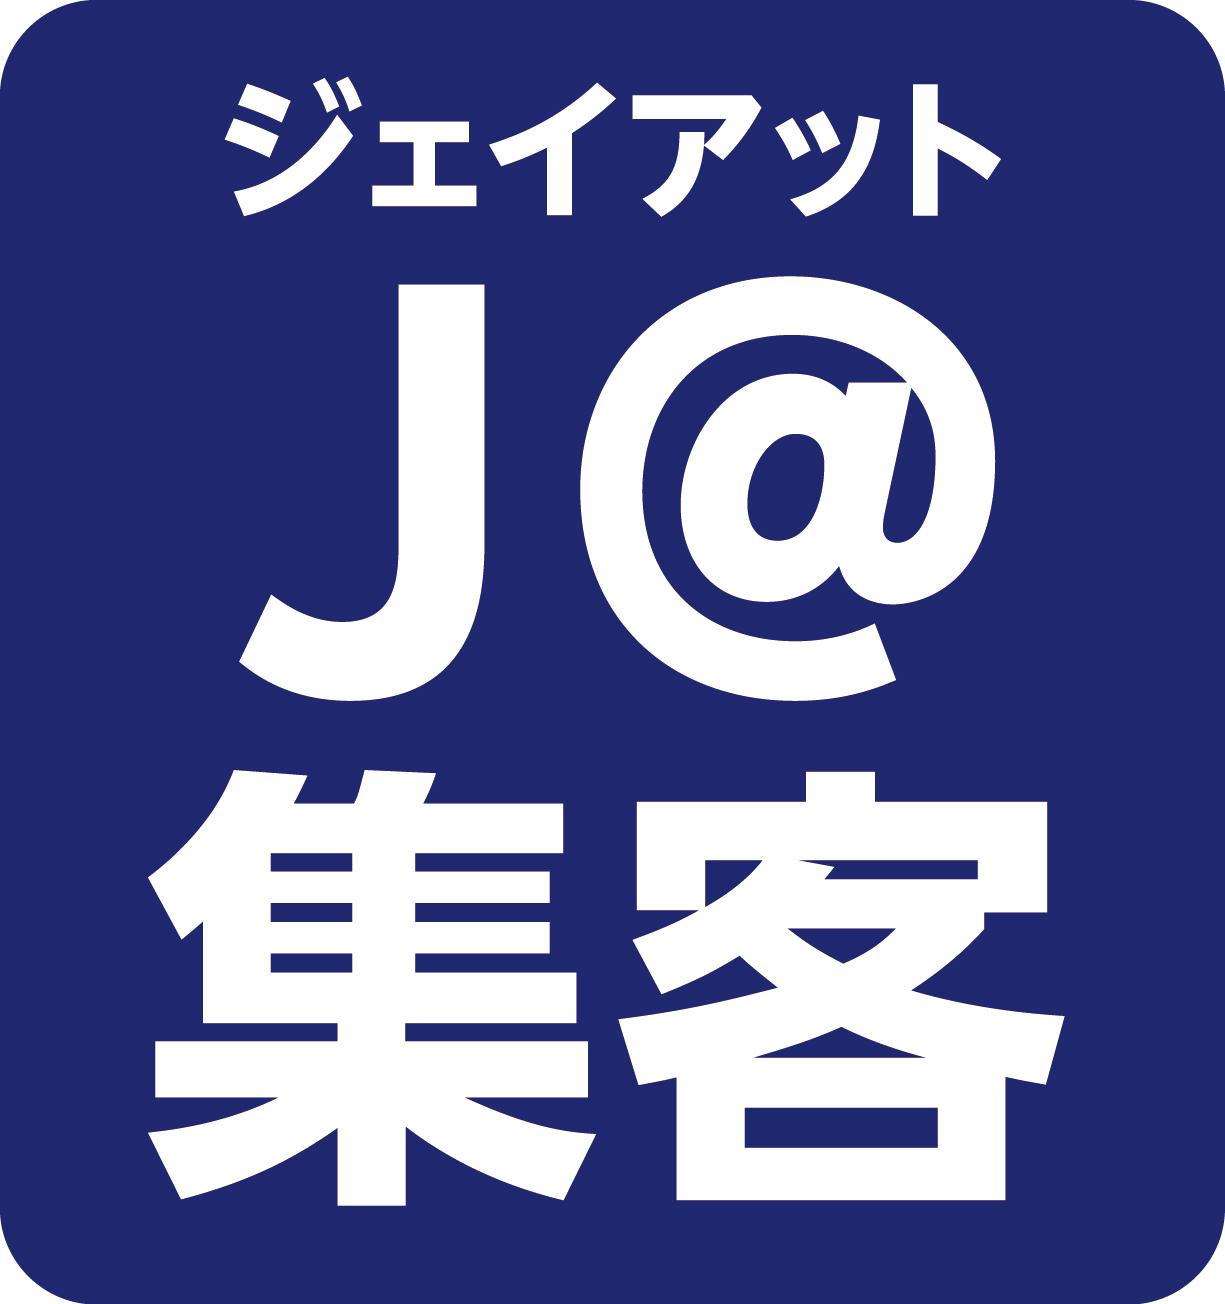 04.J@集客_2行ロゴ.jpg